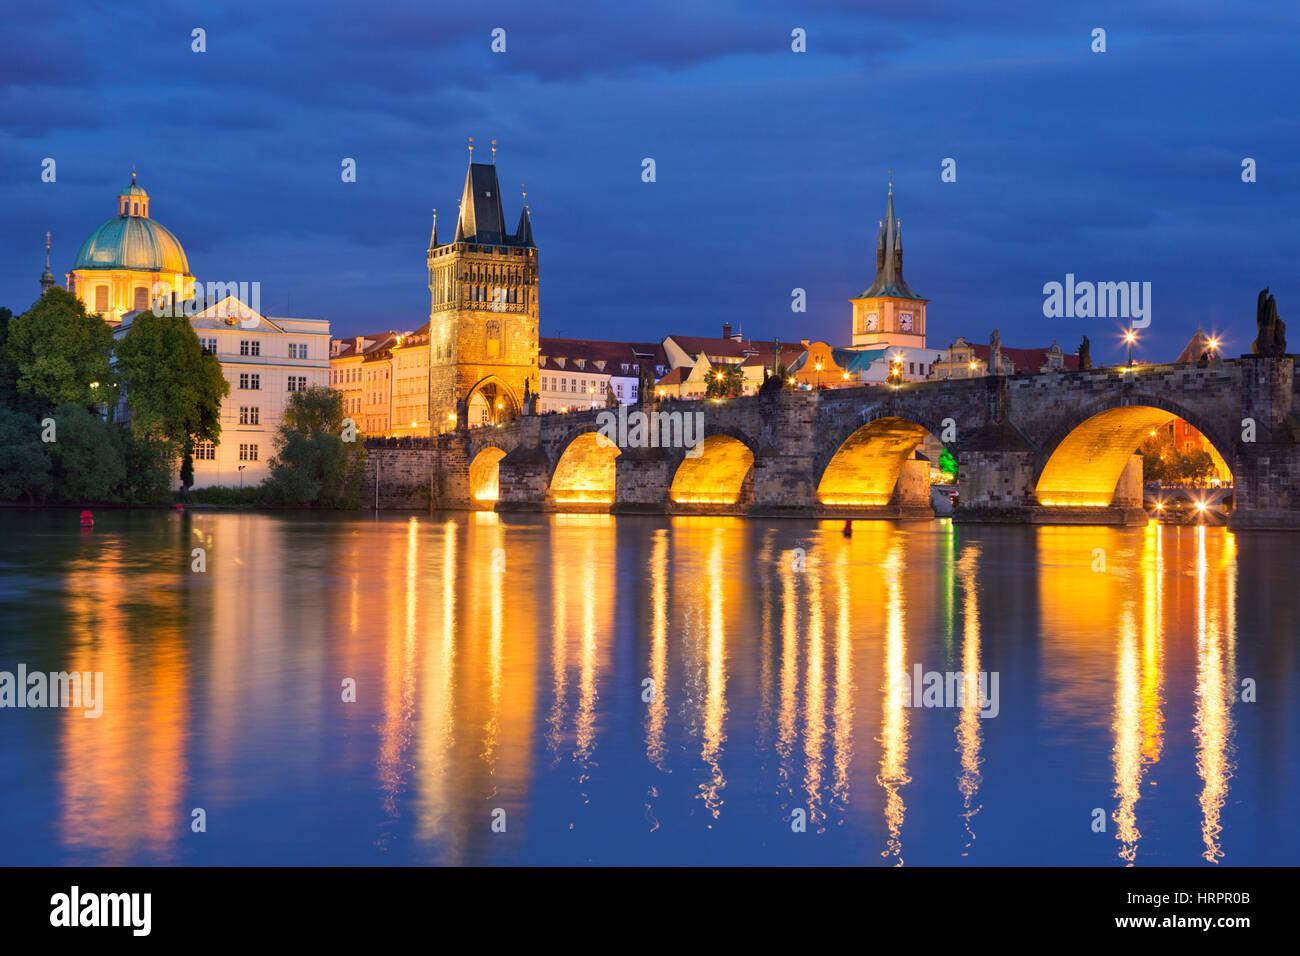 Il Ponte Carlo sul fiume Moldava a Praga Repubblica Ceca fotografati a notte. Immagini Stock